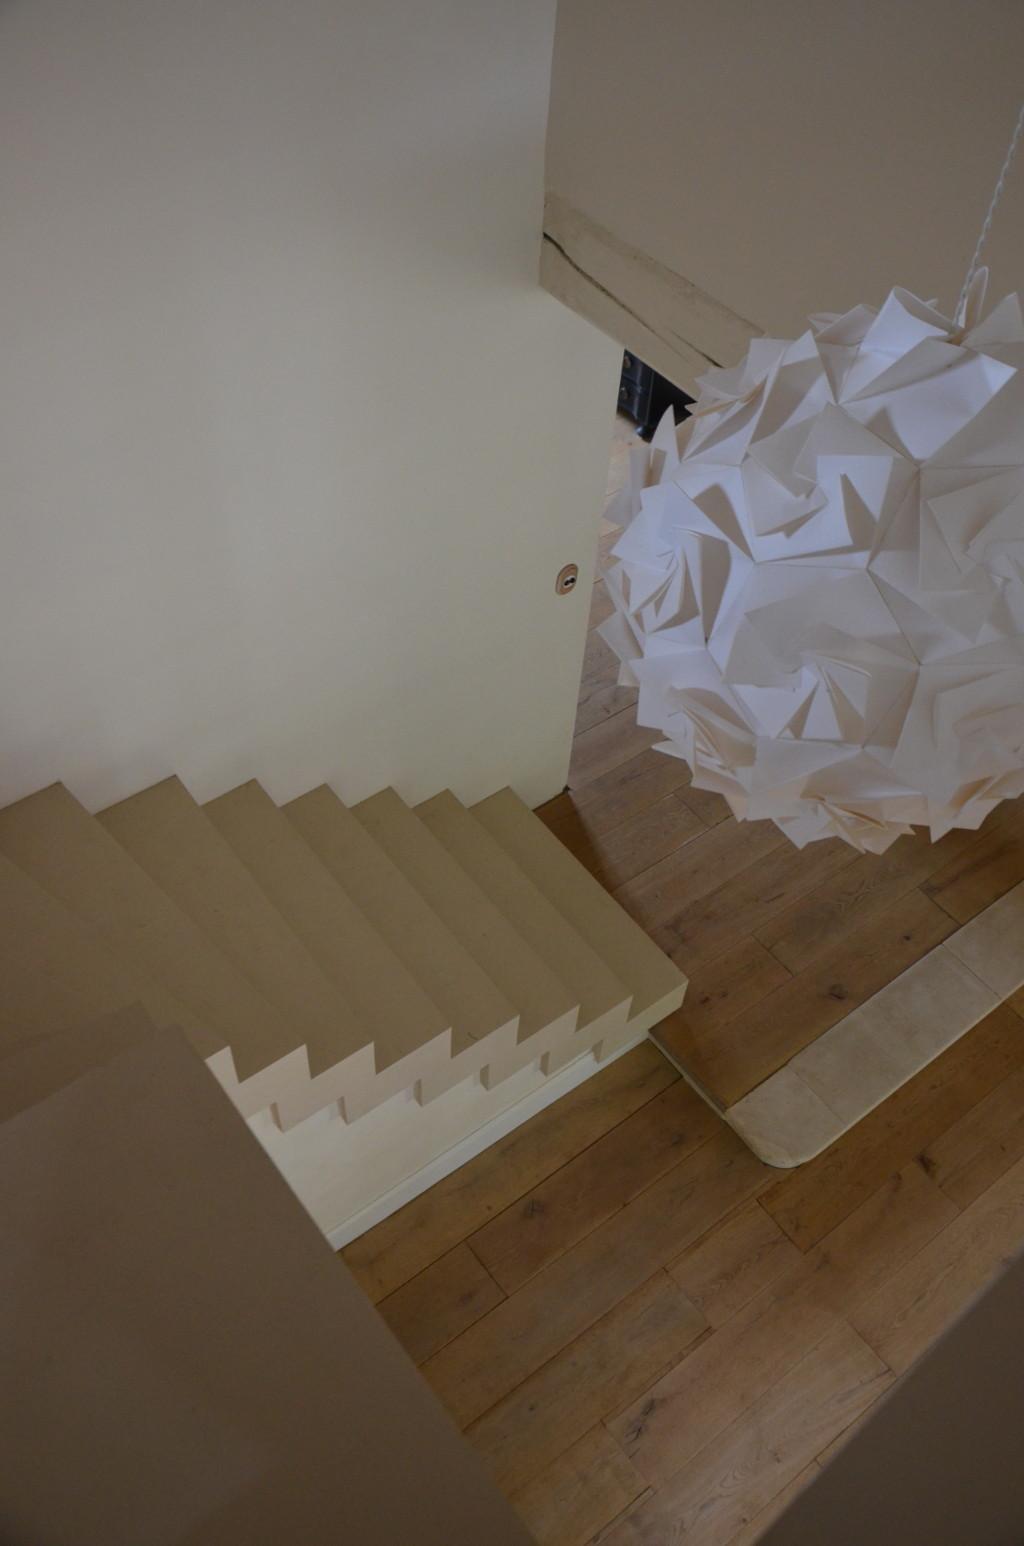 Escalier en lamellé-collé, peint, vu du dessus